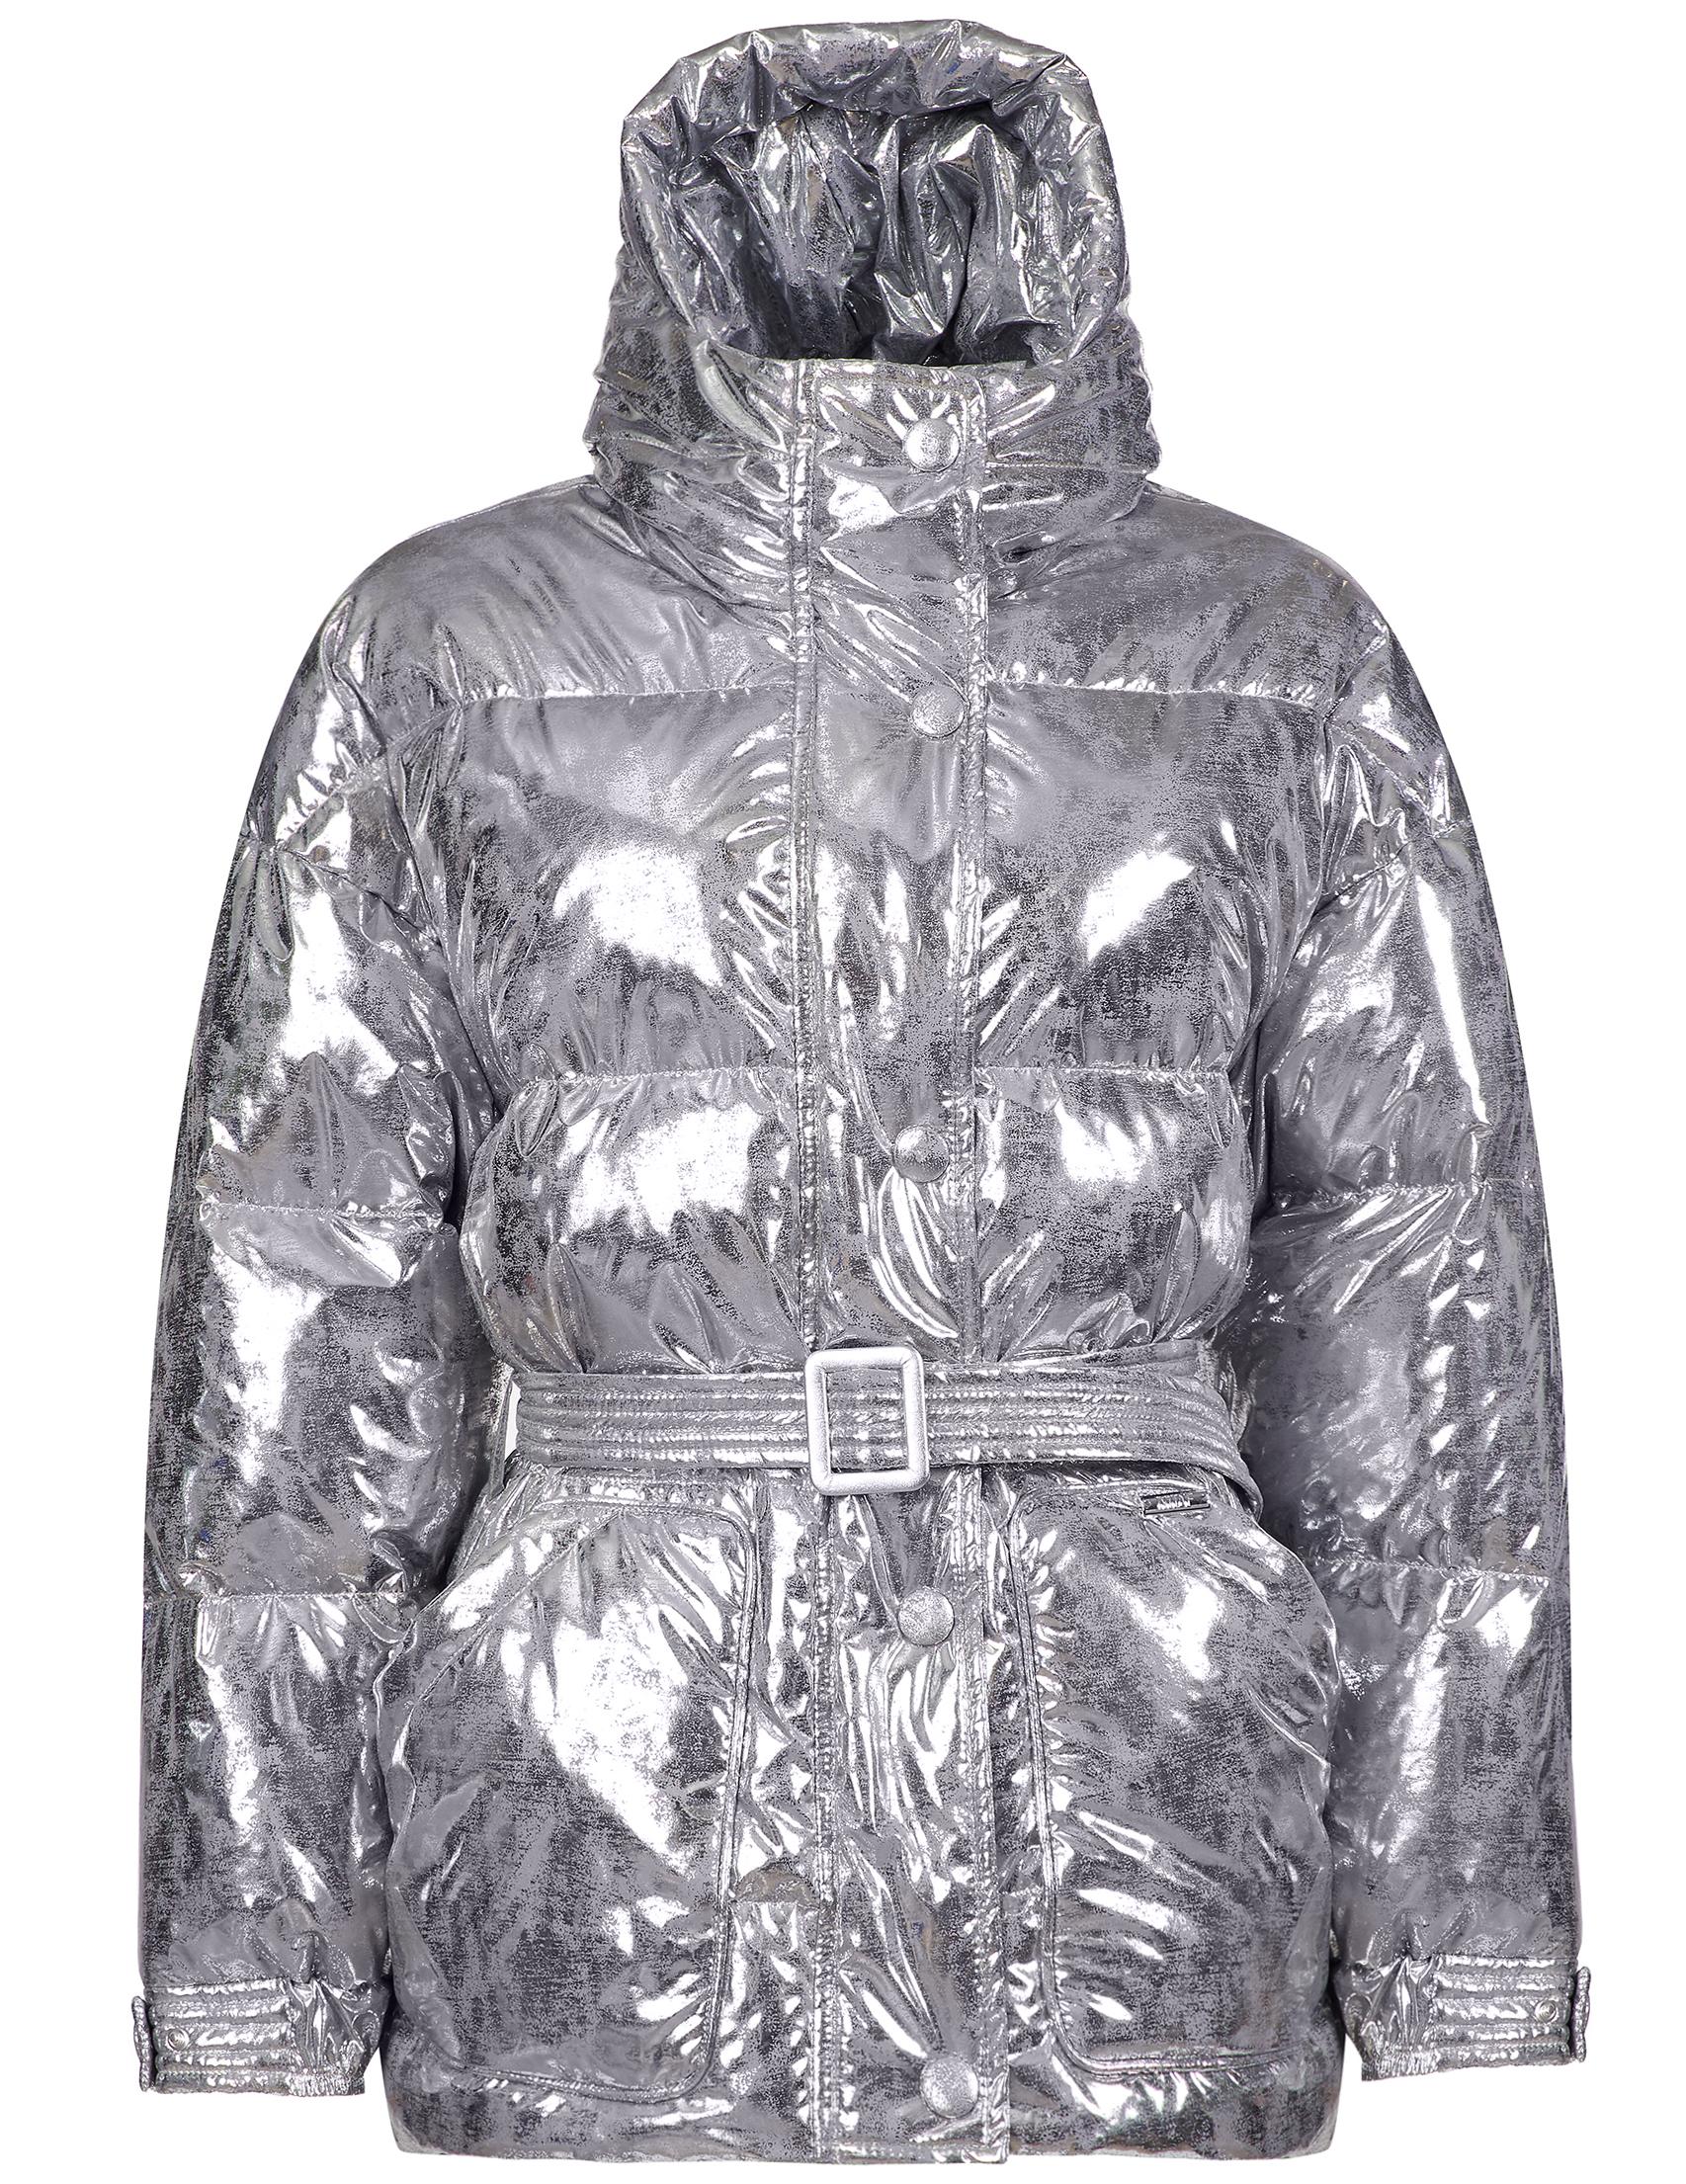 Купить Куртки, Куртка, MARCO DEL FORTE, Серебряный, 100%Полиэстер, Осень-Зима